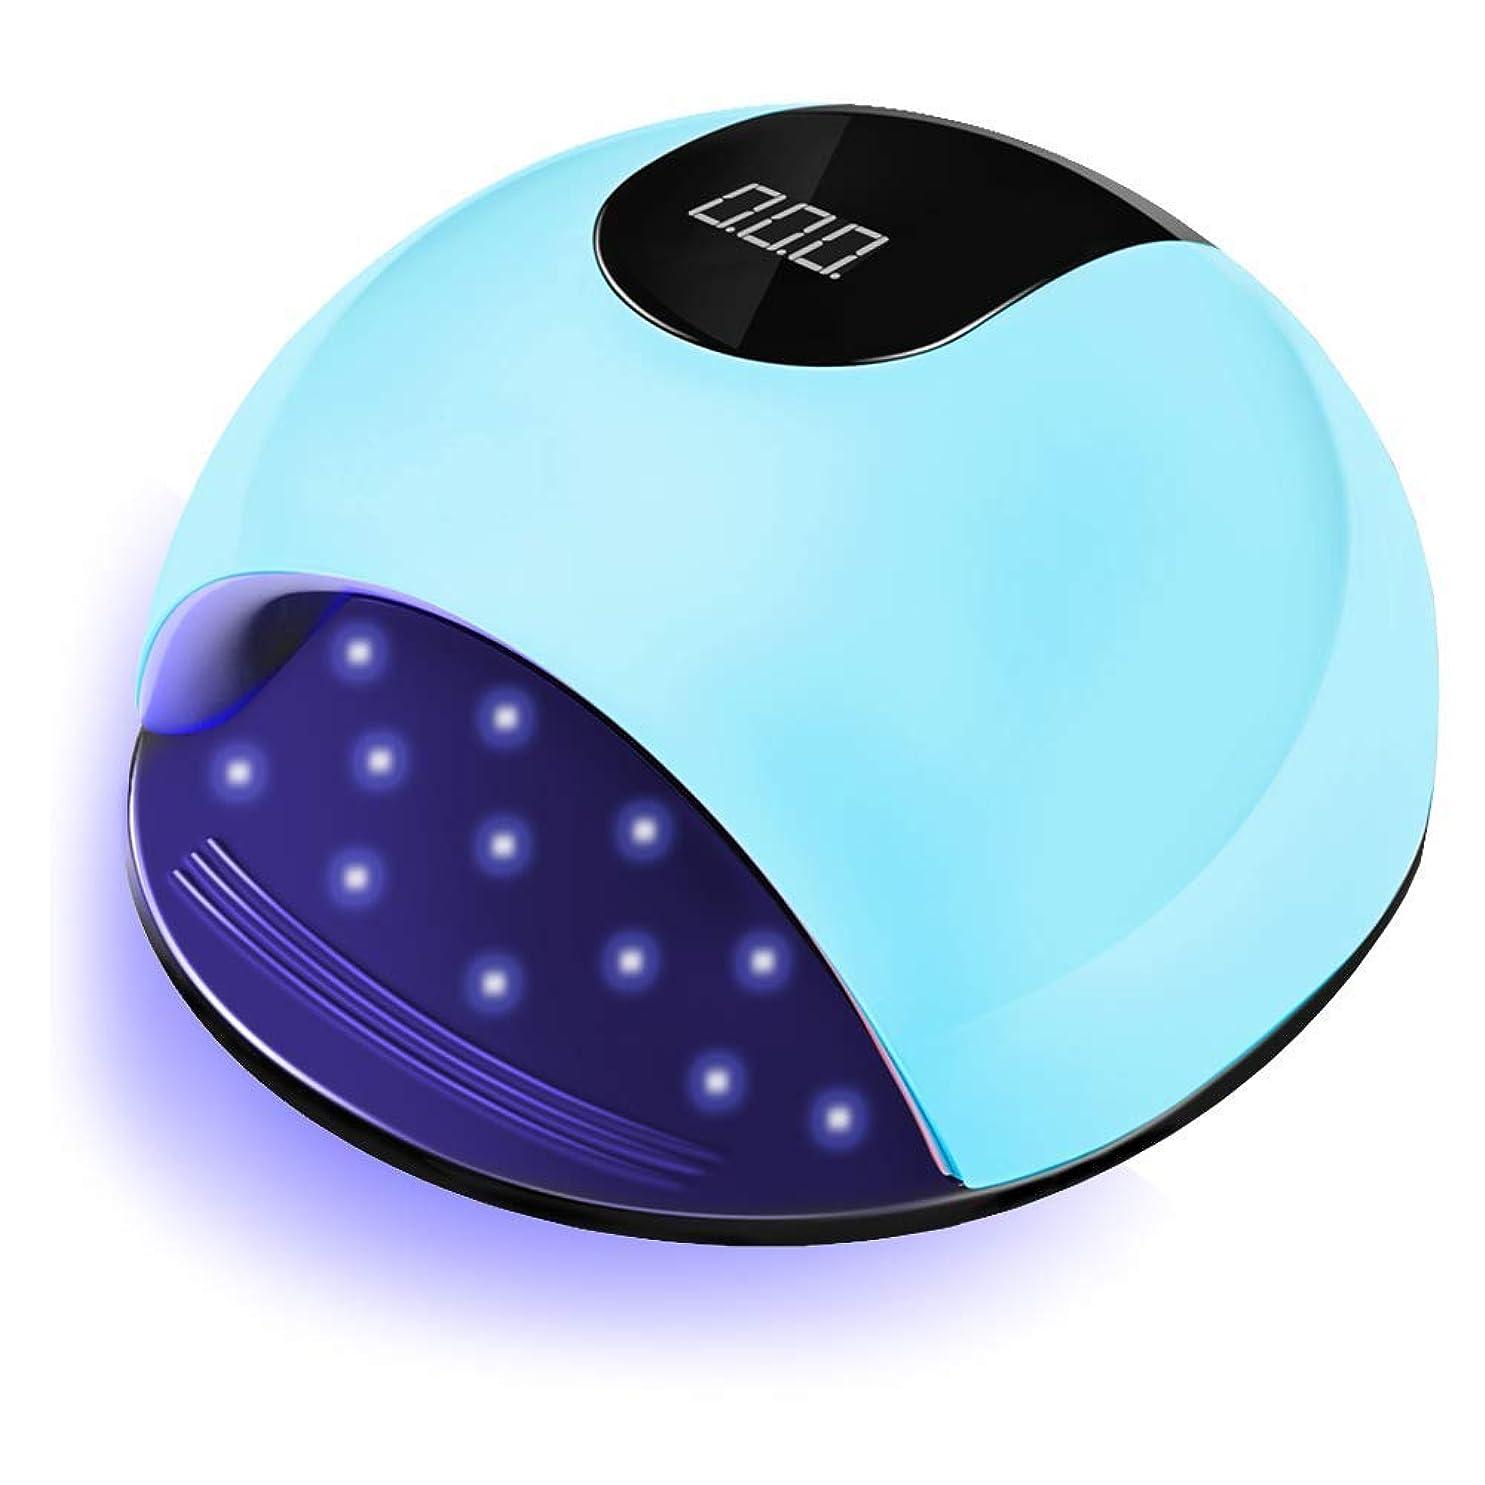 文庫本トン発信UVネイルランプ、ジェルネイル用80W LED UVライト、36個のUVランプビーズと赤外線自動センサーを備えた高速ネイルドライヤー、ジェルネイルポリッシュに適した、爪と爪のポリッシュアート用の大きなスペース(青)